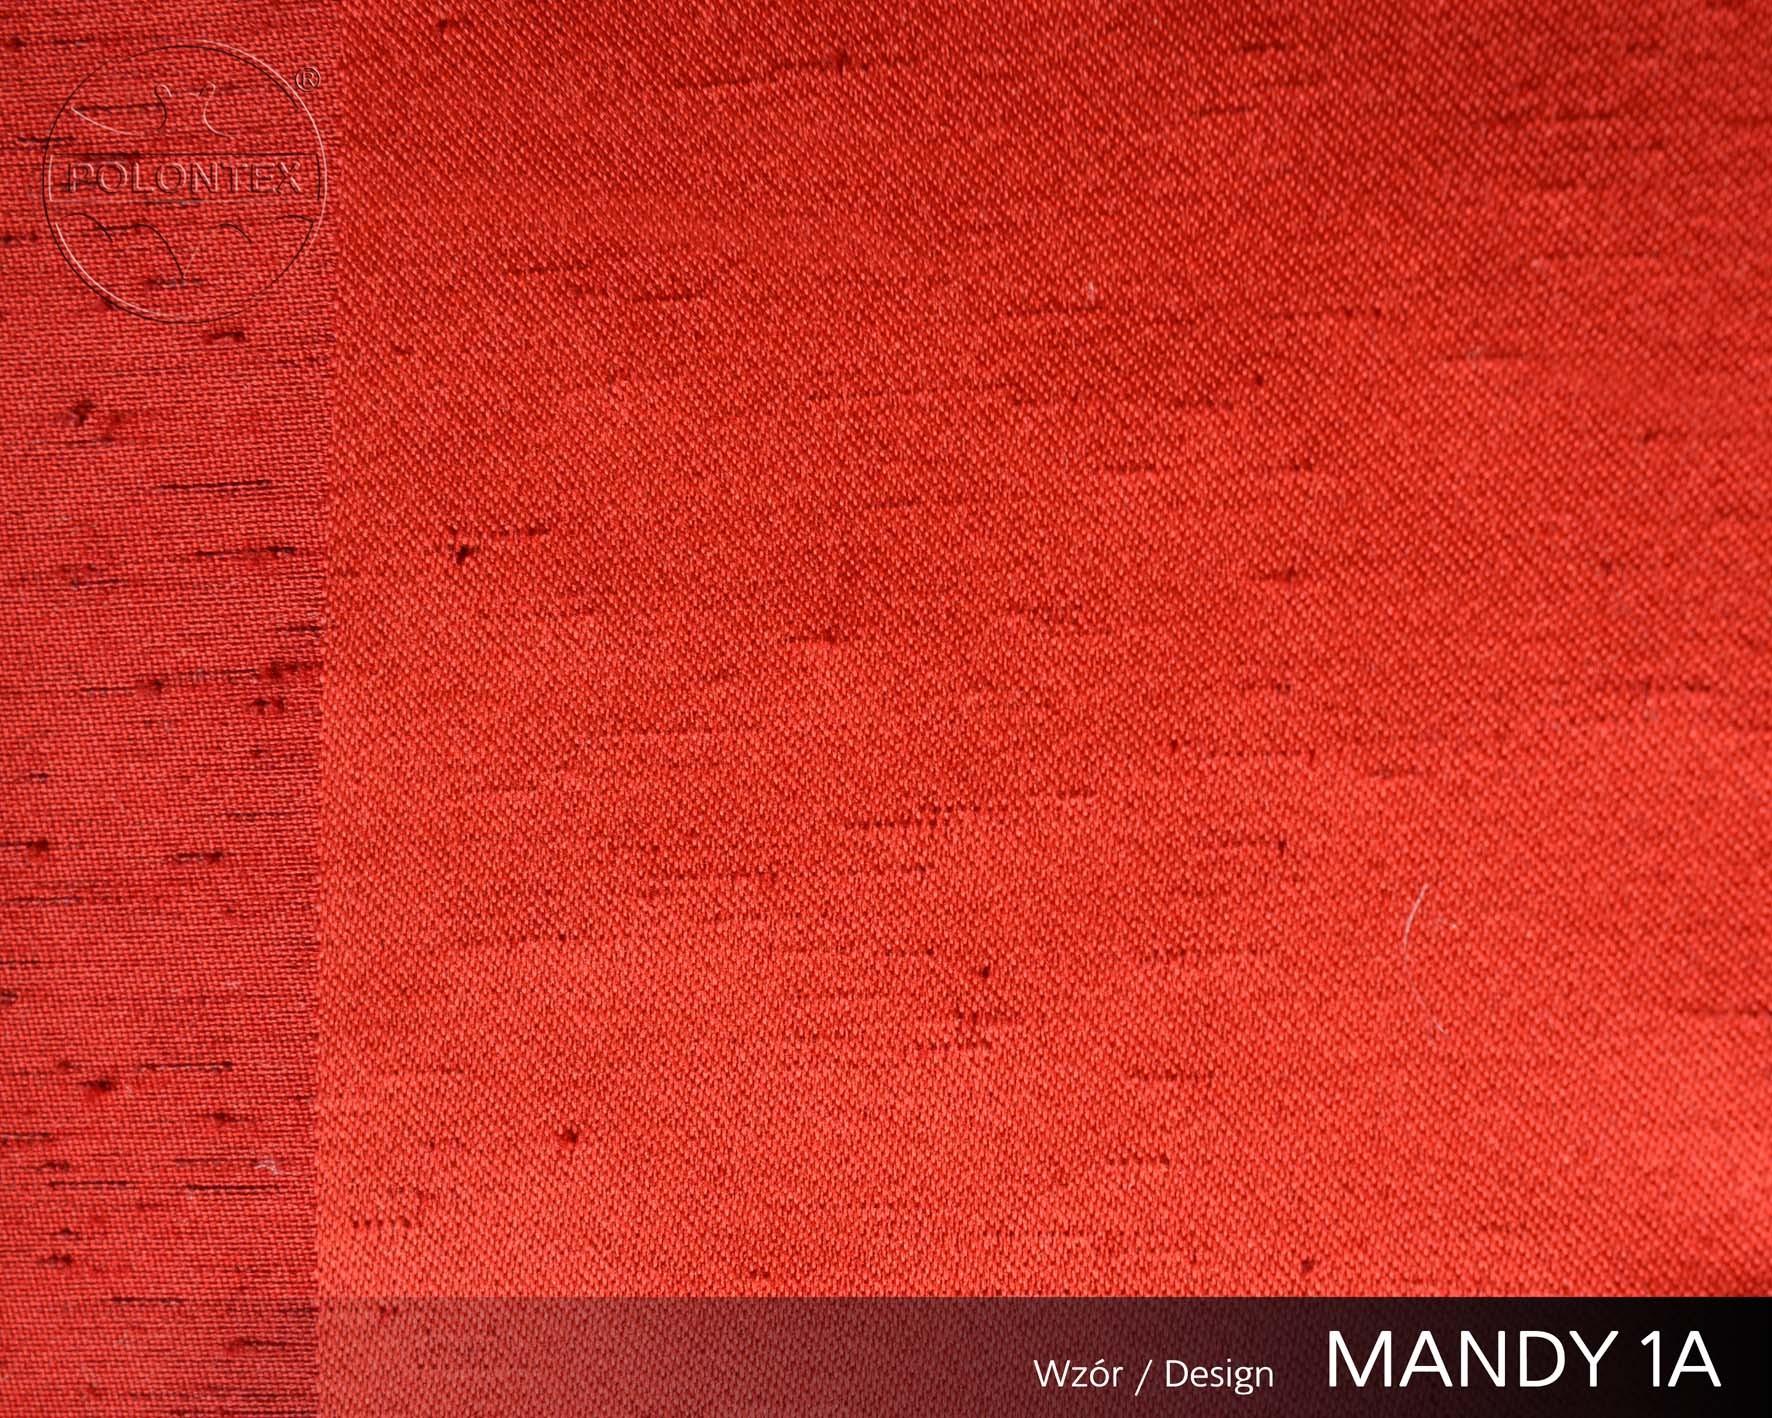 MANDY 1A 3382